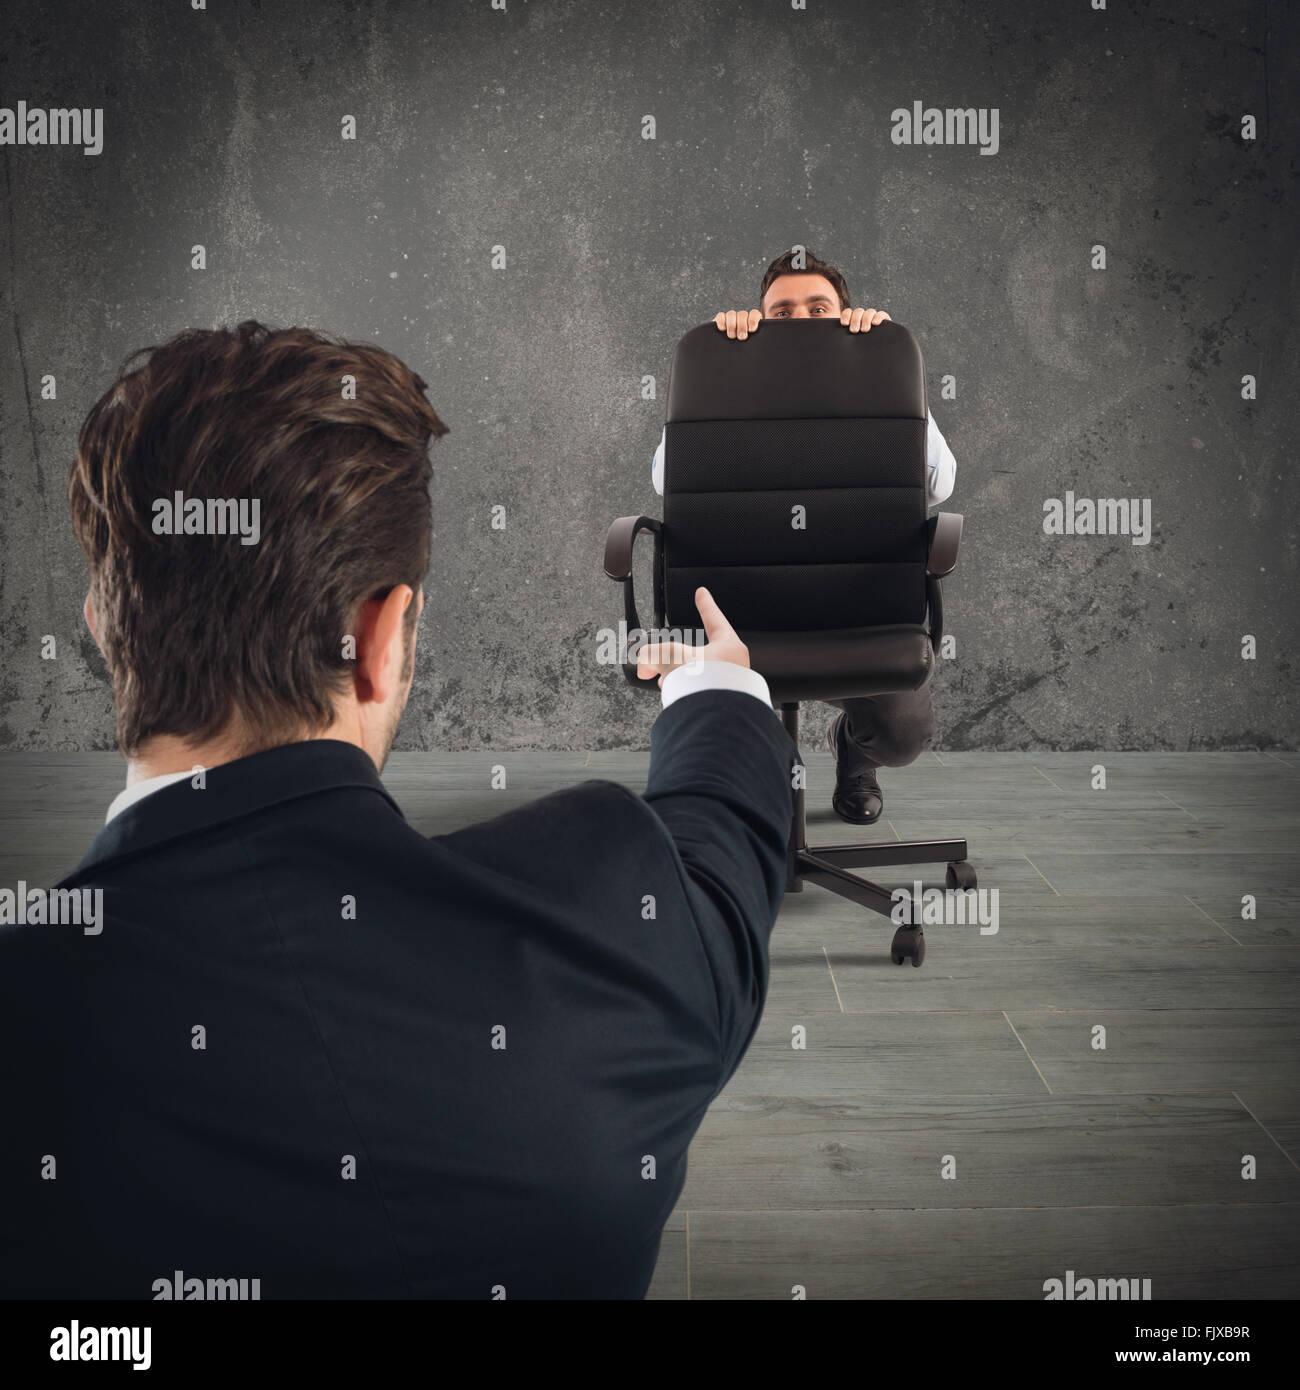 Dispararon miedo empleado Imagen De Stock